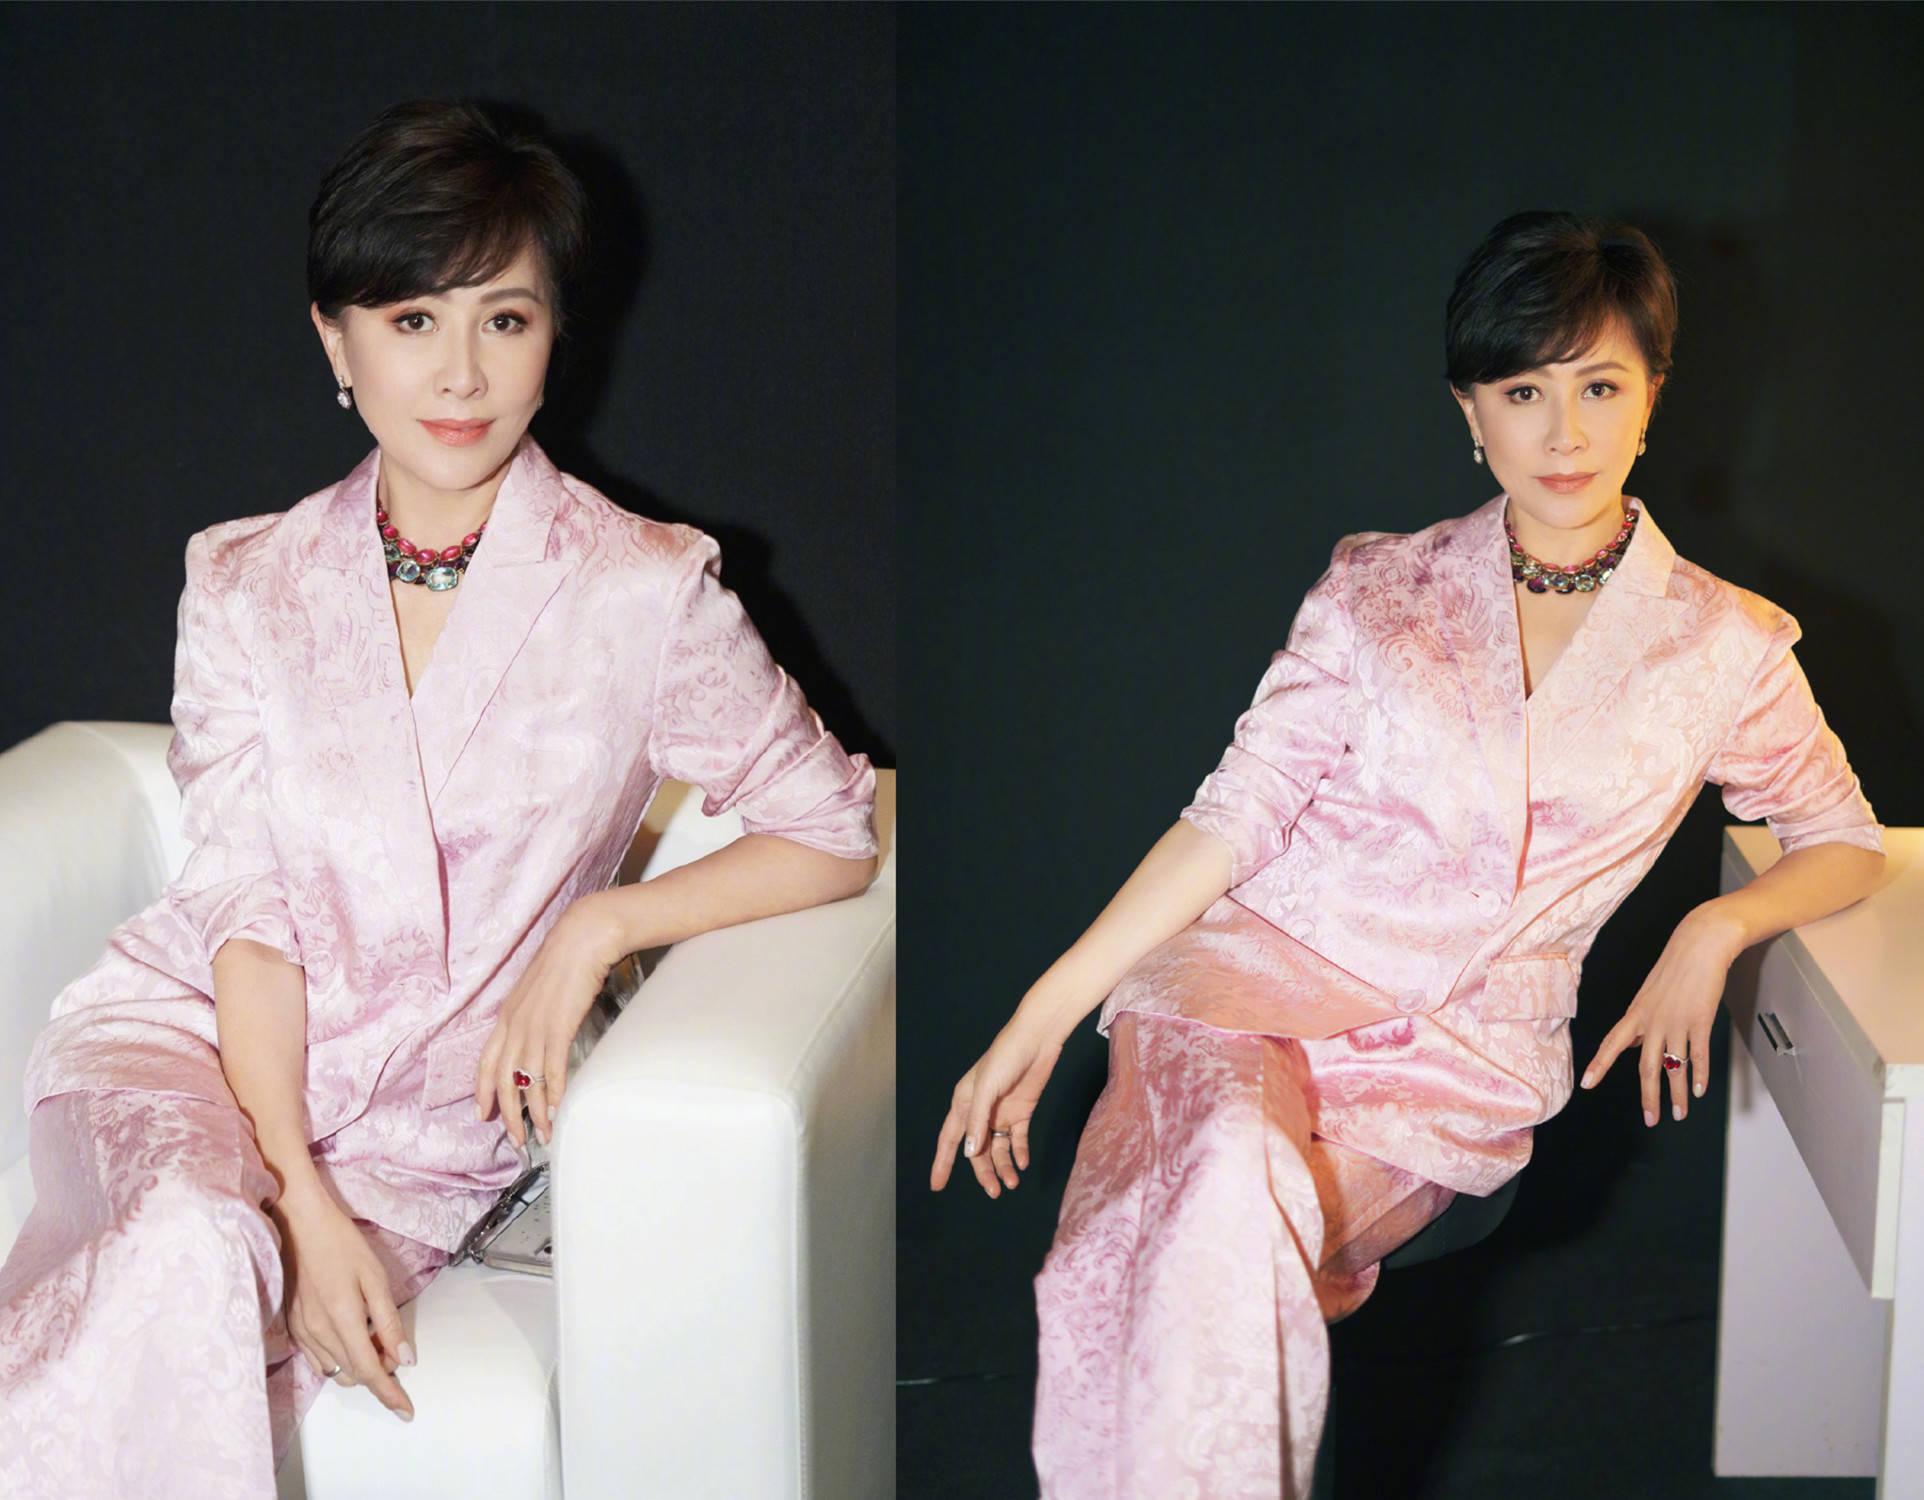 头排看秀,刘嘉玲睡衣风配奢华珠宝,胡兵蕾丝装比女明星抢镜